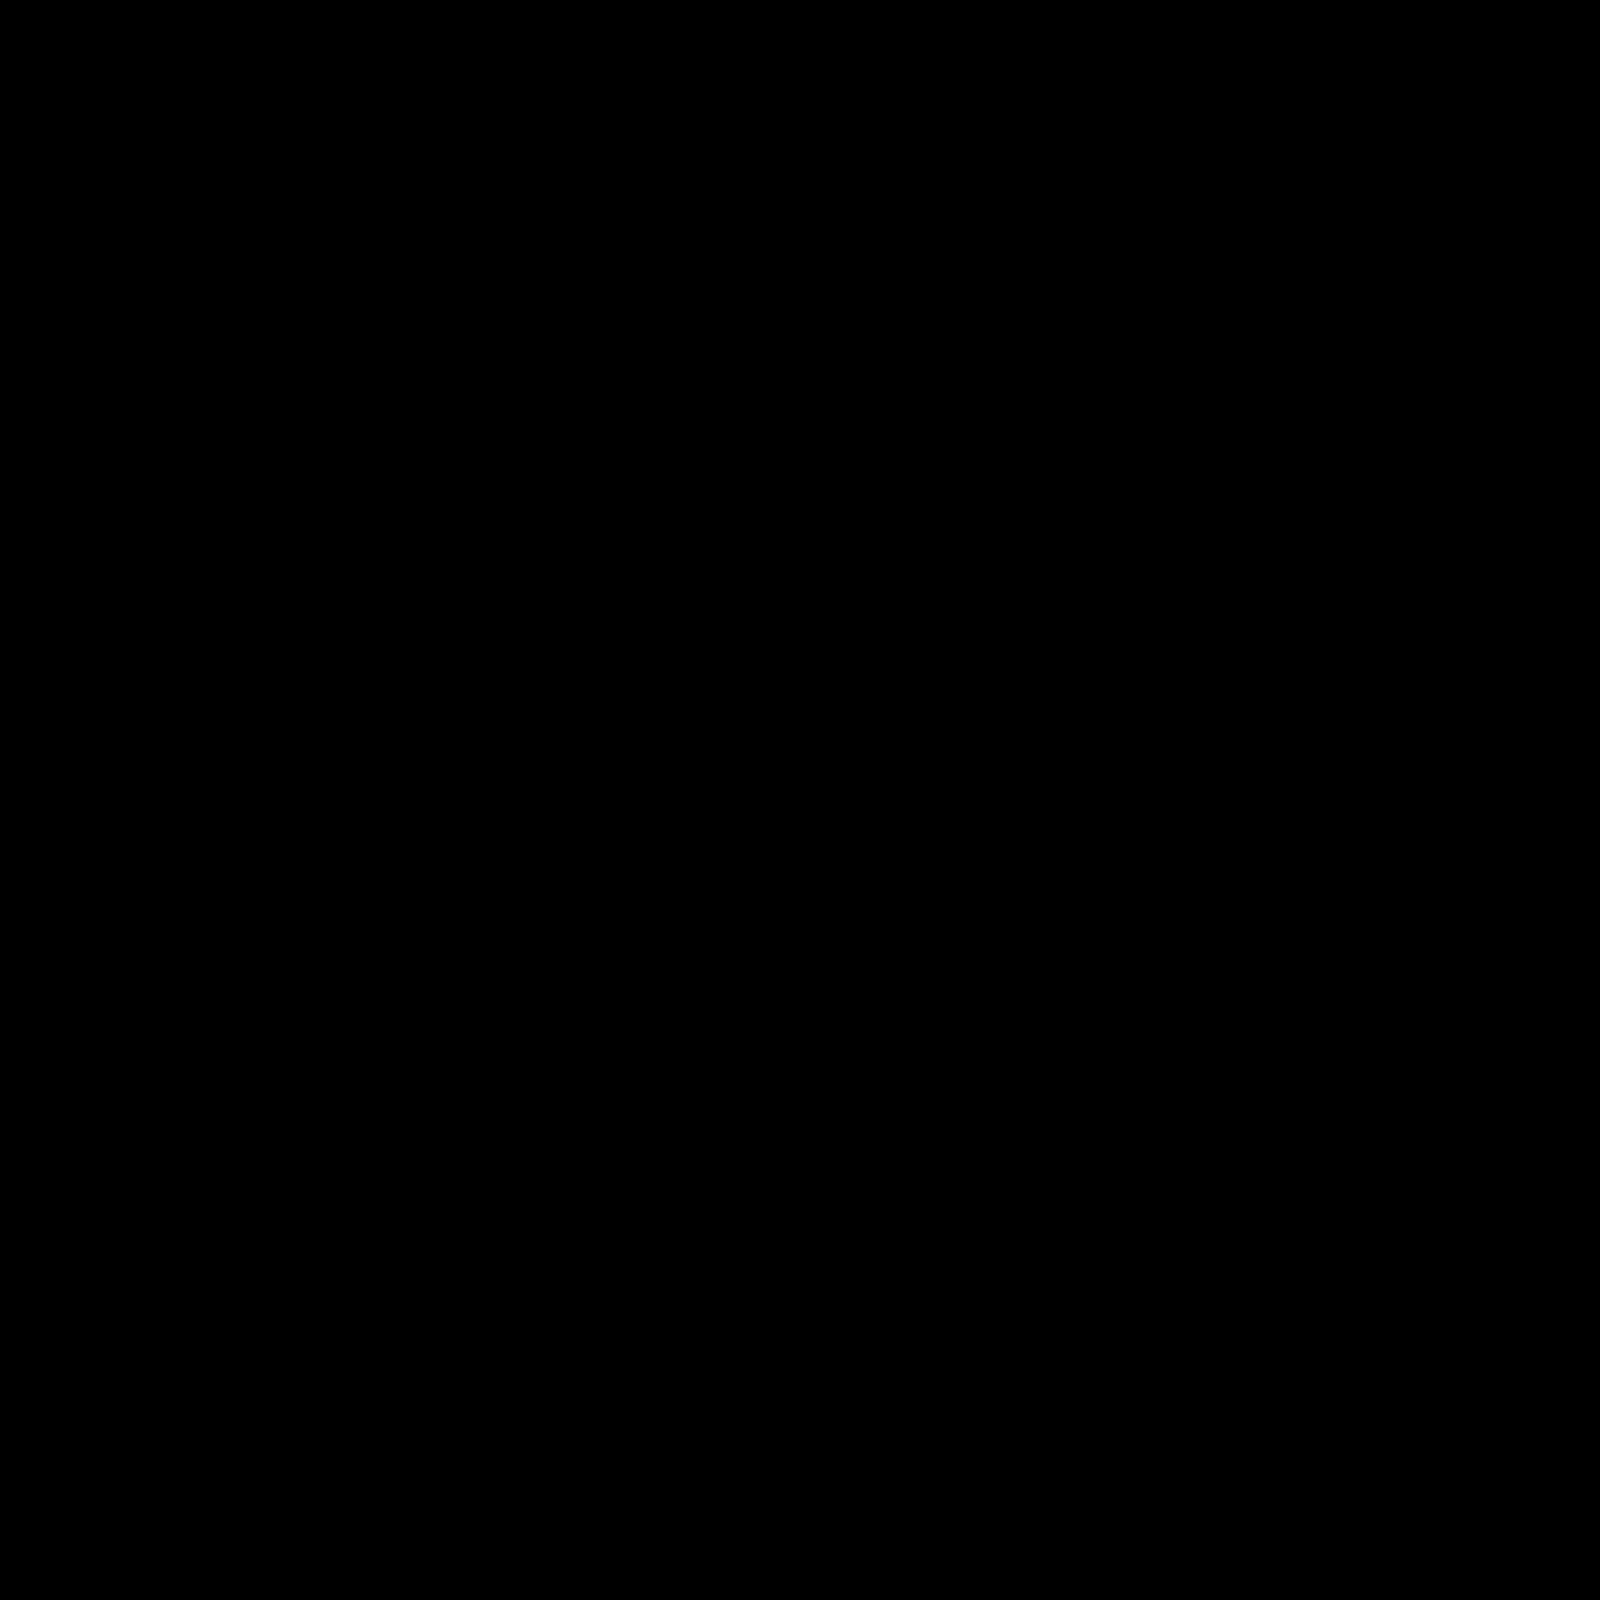 土地销售 icon. There is a rectangle that says SALE on it. it is attached to a pole that holds it together in the back. it is all on a rectangle on the floor.